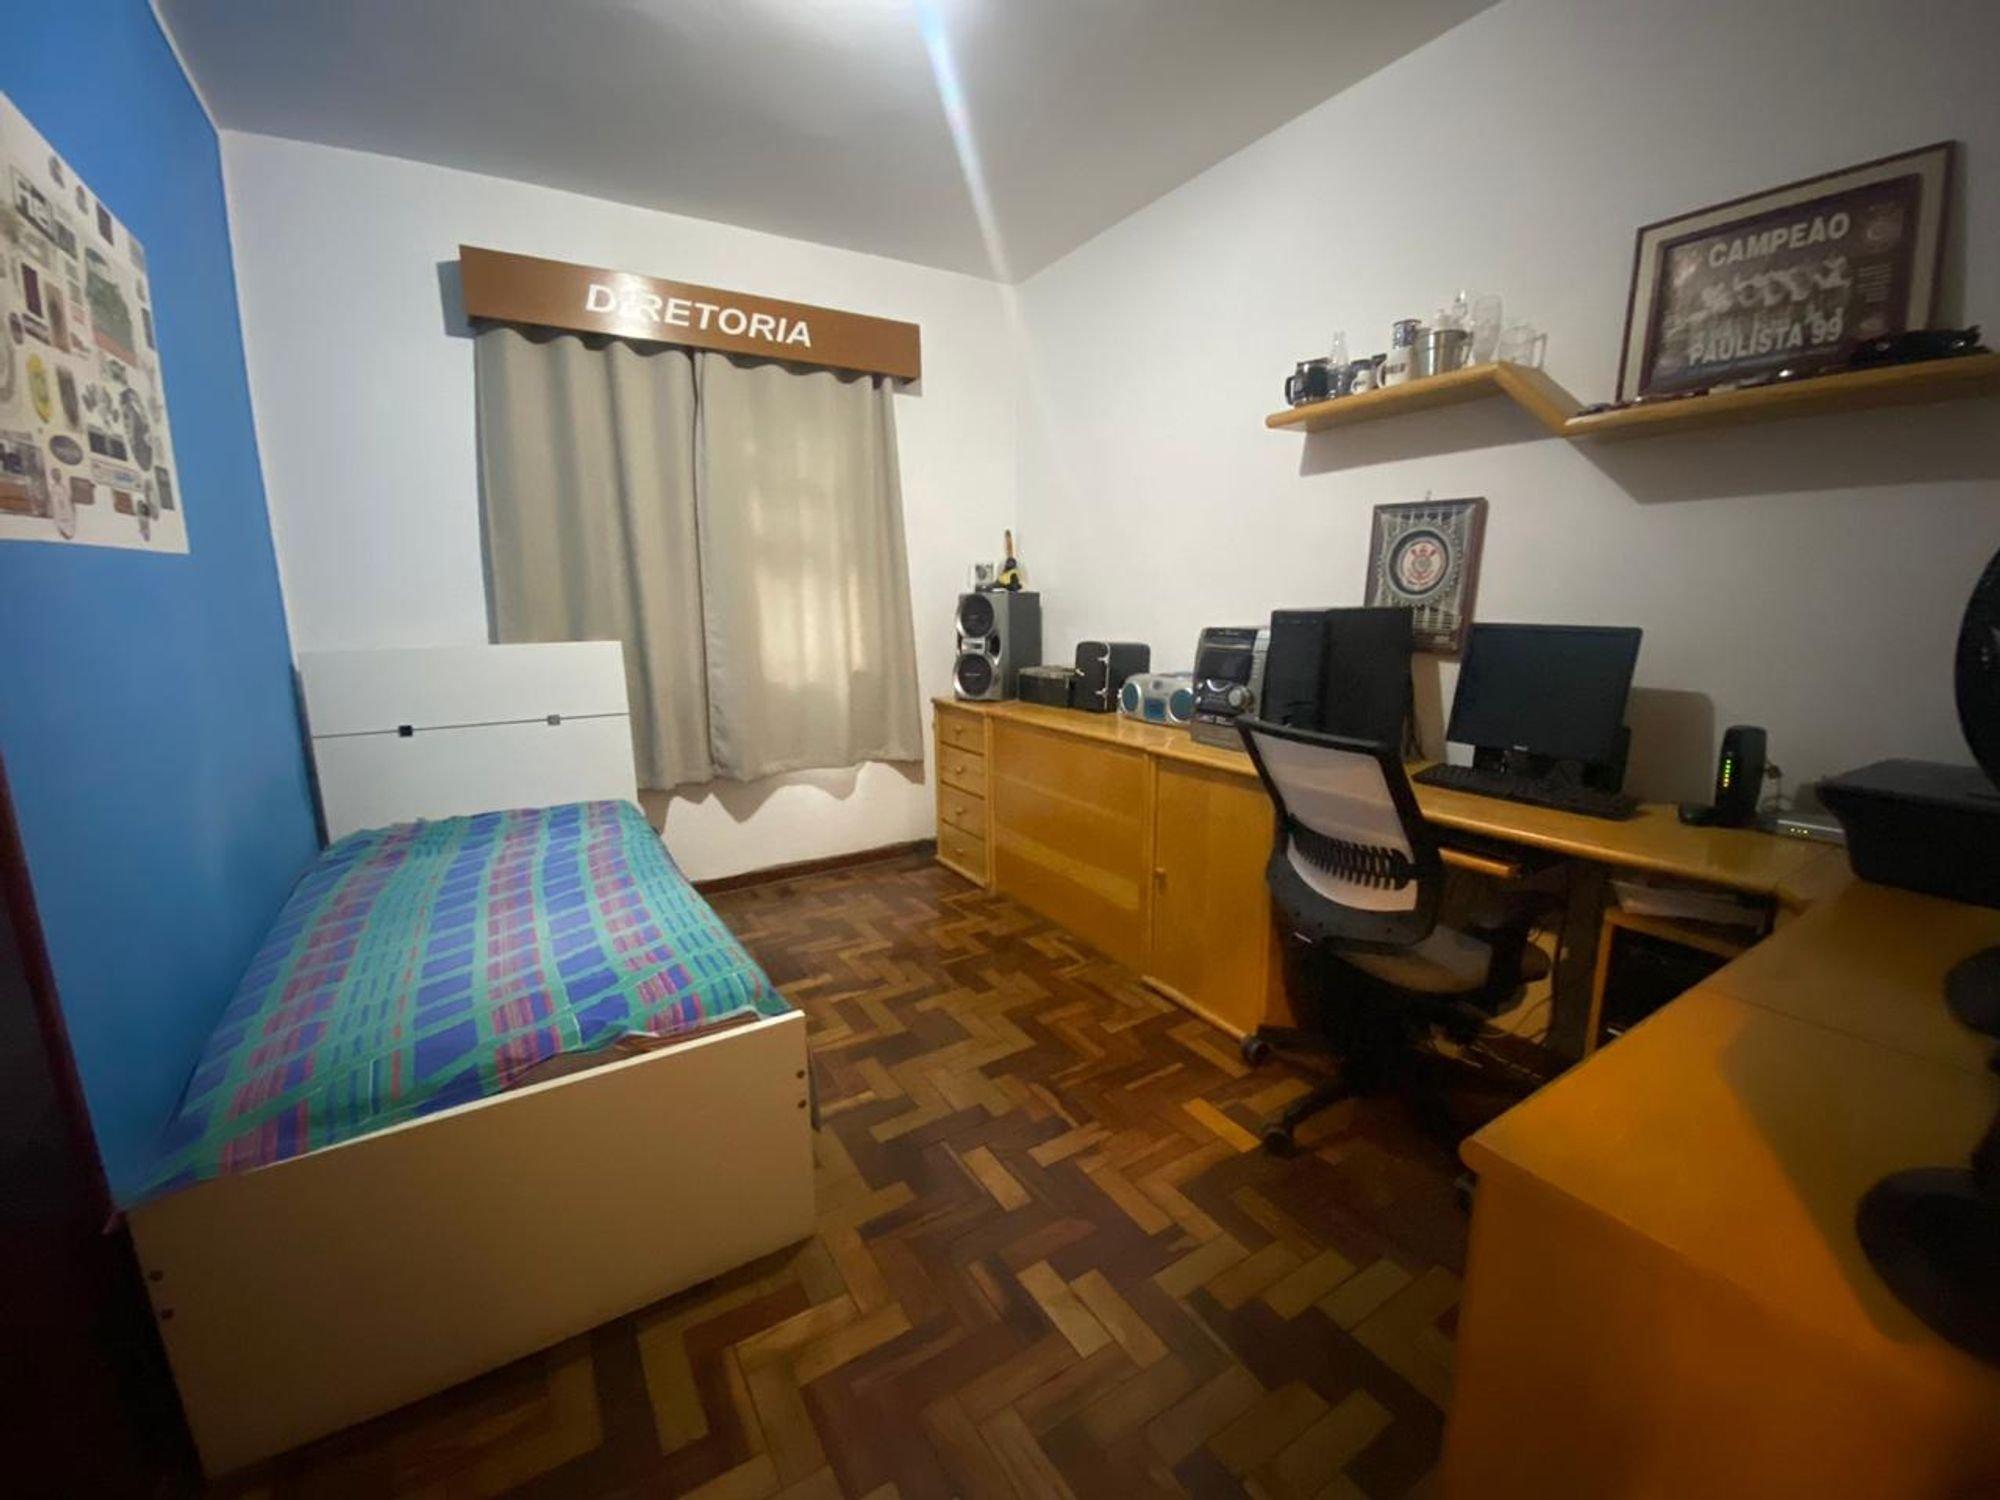 Foto de Quarto com teclado, televisão, cadeira